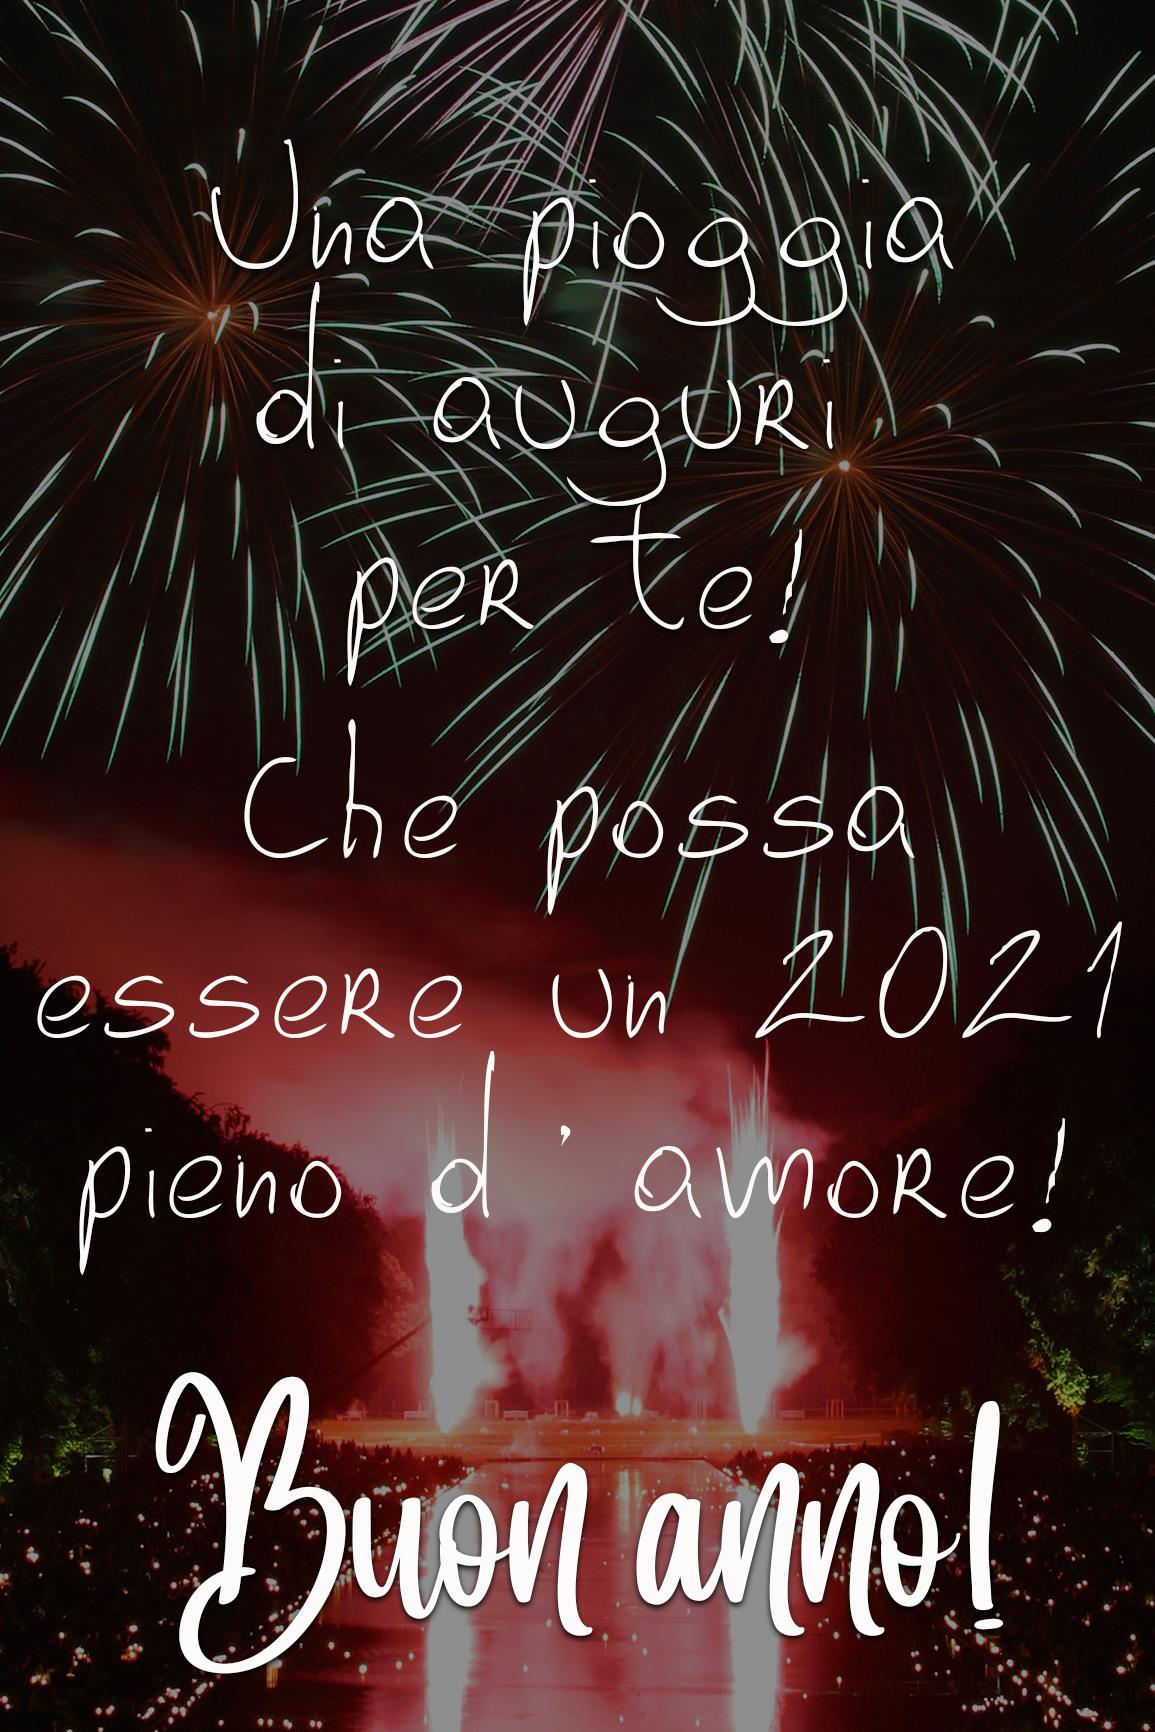 Buon anno 2021 d'amore